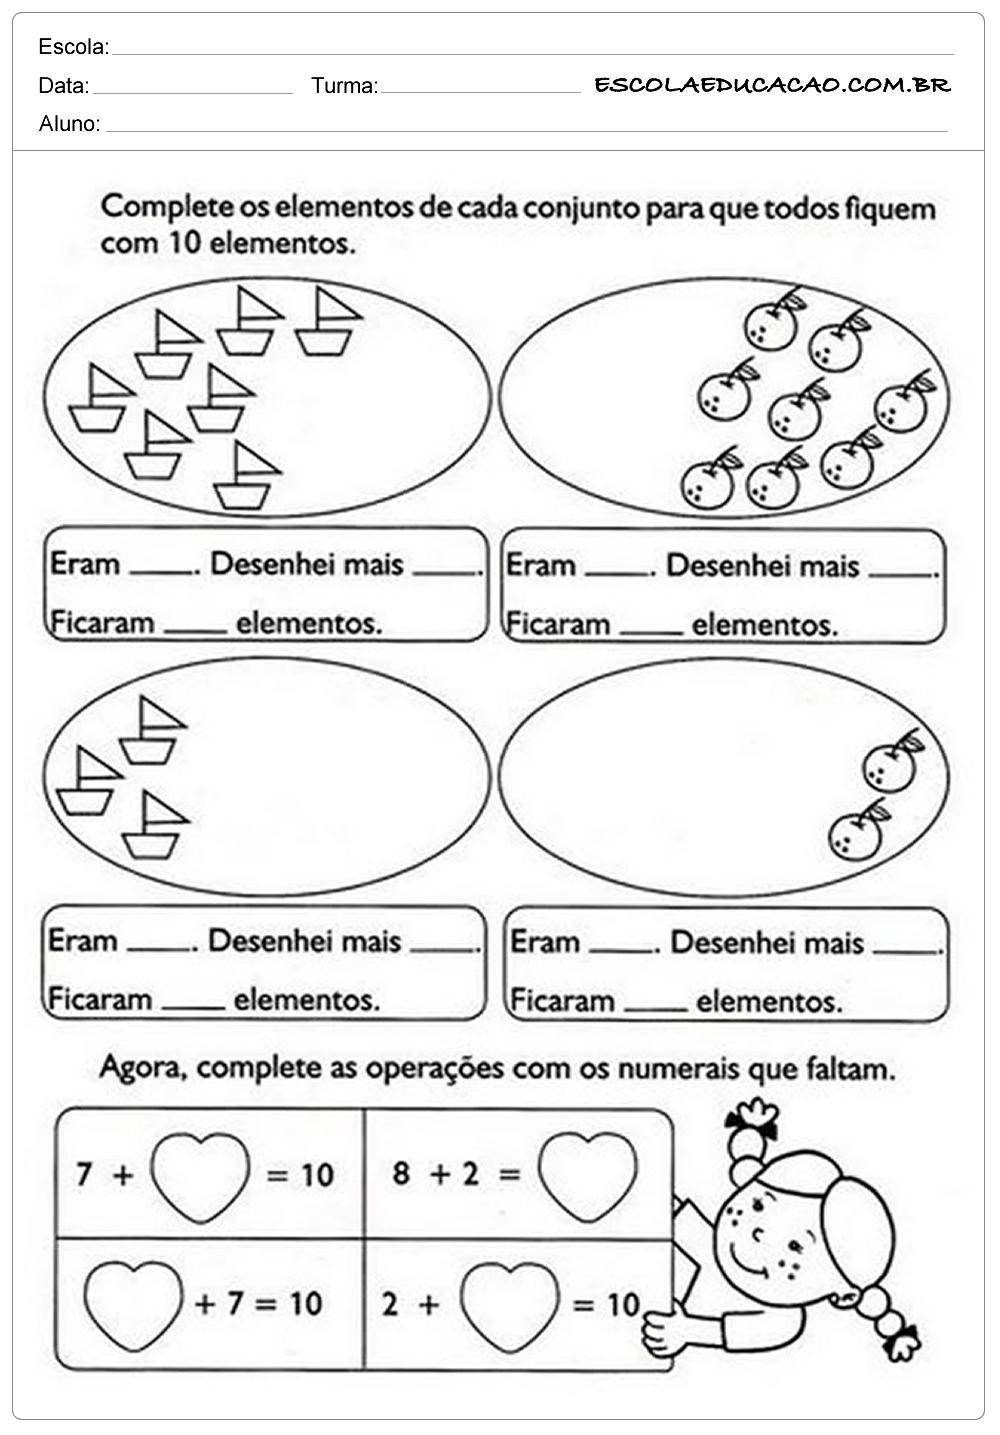 Atividades De Matematica 1º Ano Para Imprimir Escola Educacao